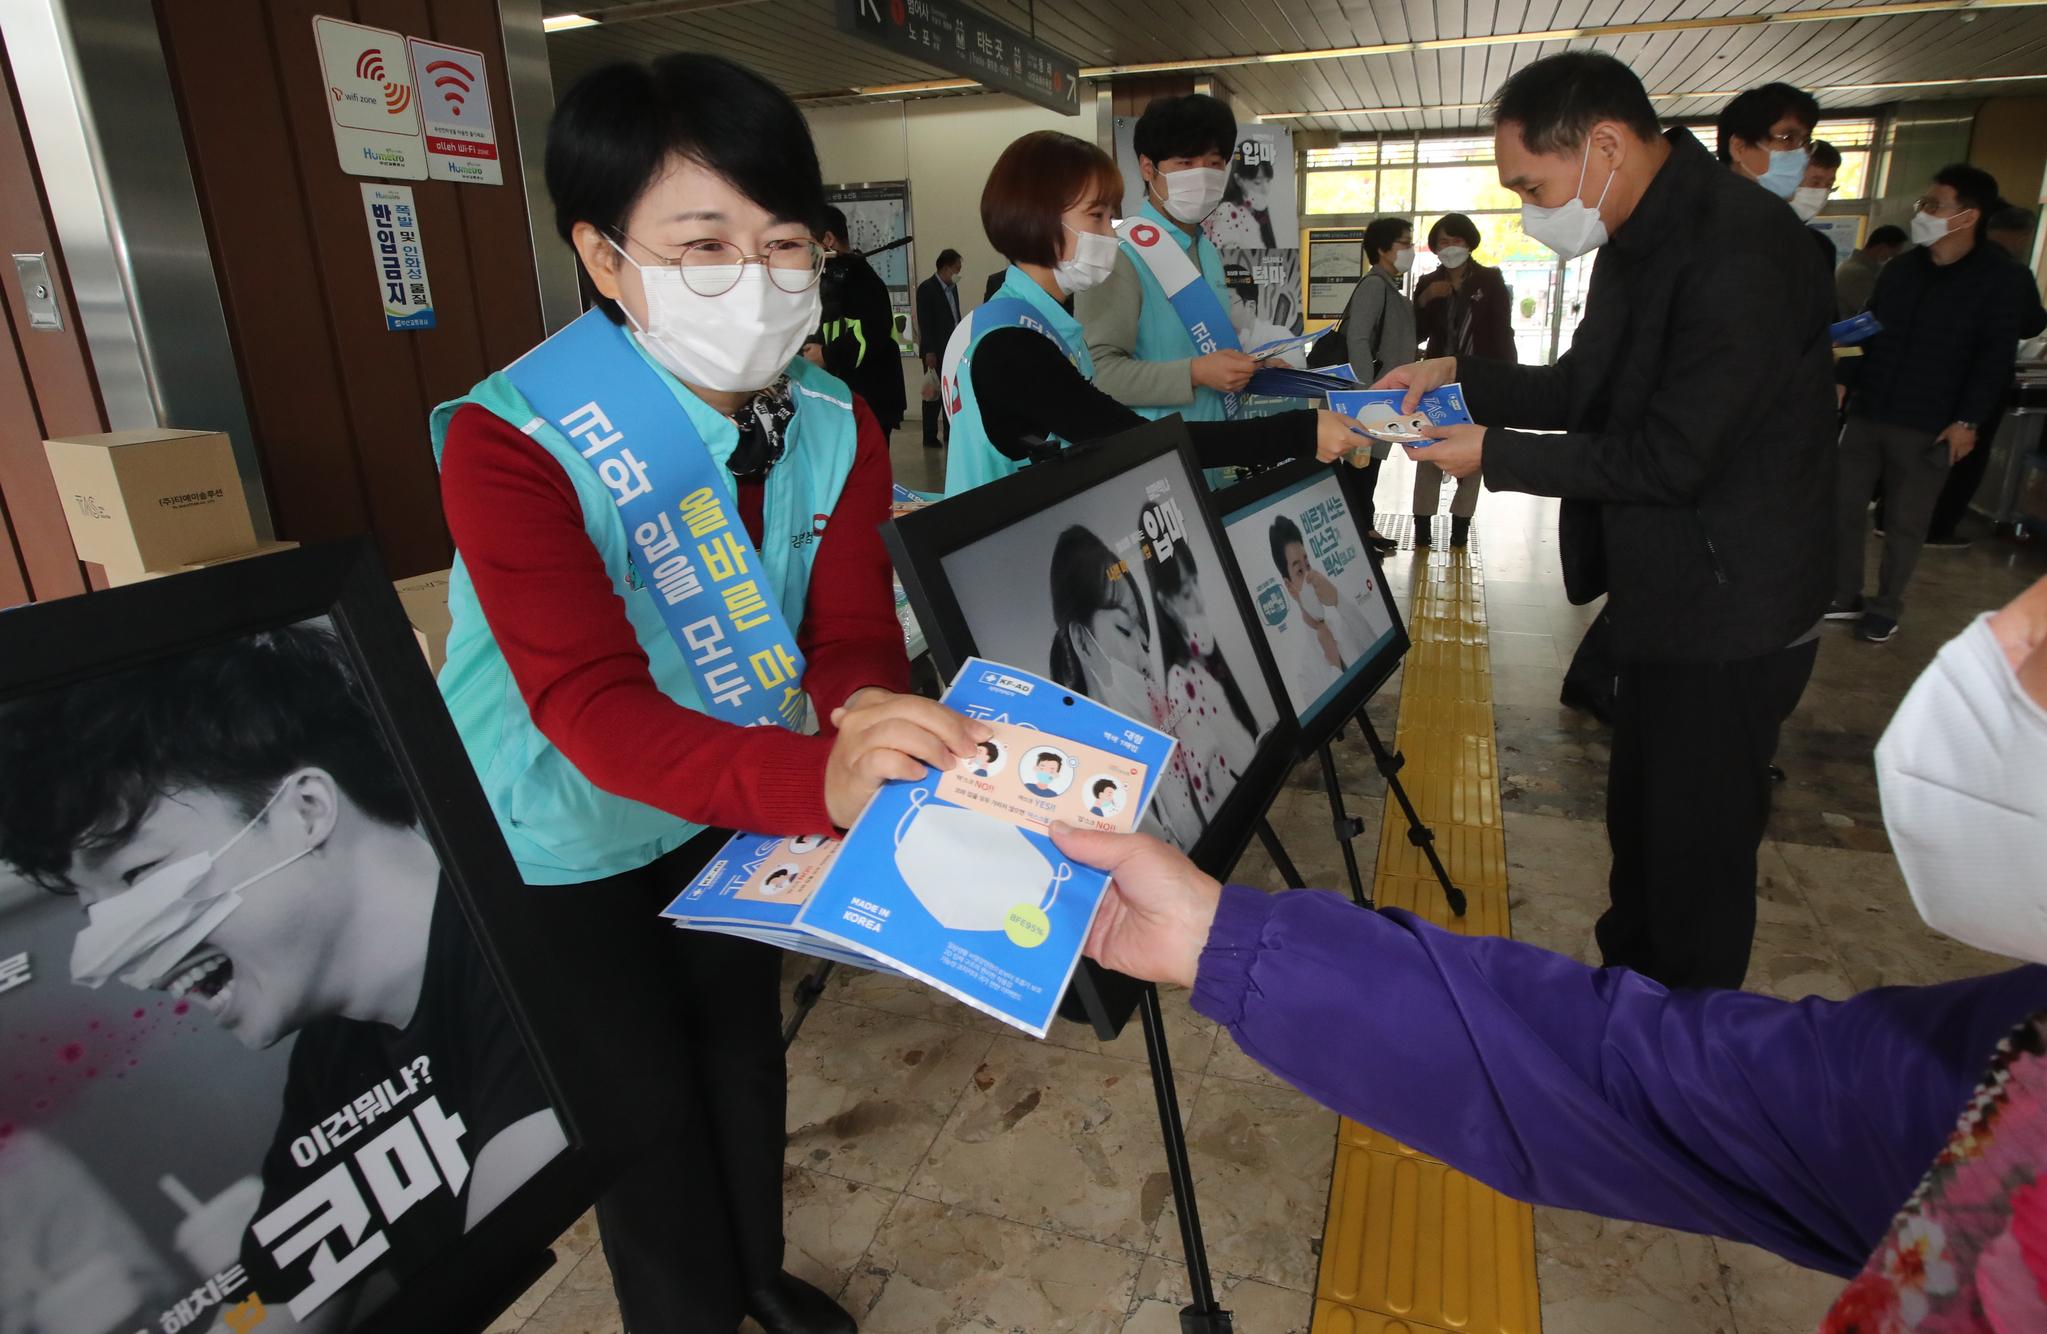 위아자나눔장터 2020 부산 특별판매전이 14일 부산 지하철1호선 아름다운가게 명륜역점에서 열렸다.국민건강보험공단 부산지역본부 직원들이 마스크 바로쓰기 캠페인을 하고 있다. 송봉근 기자